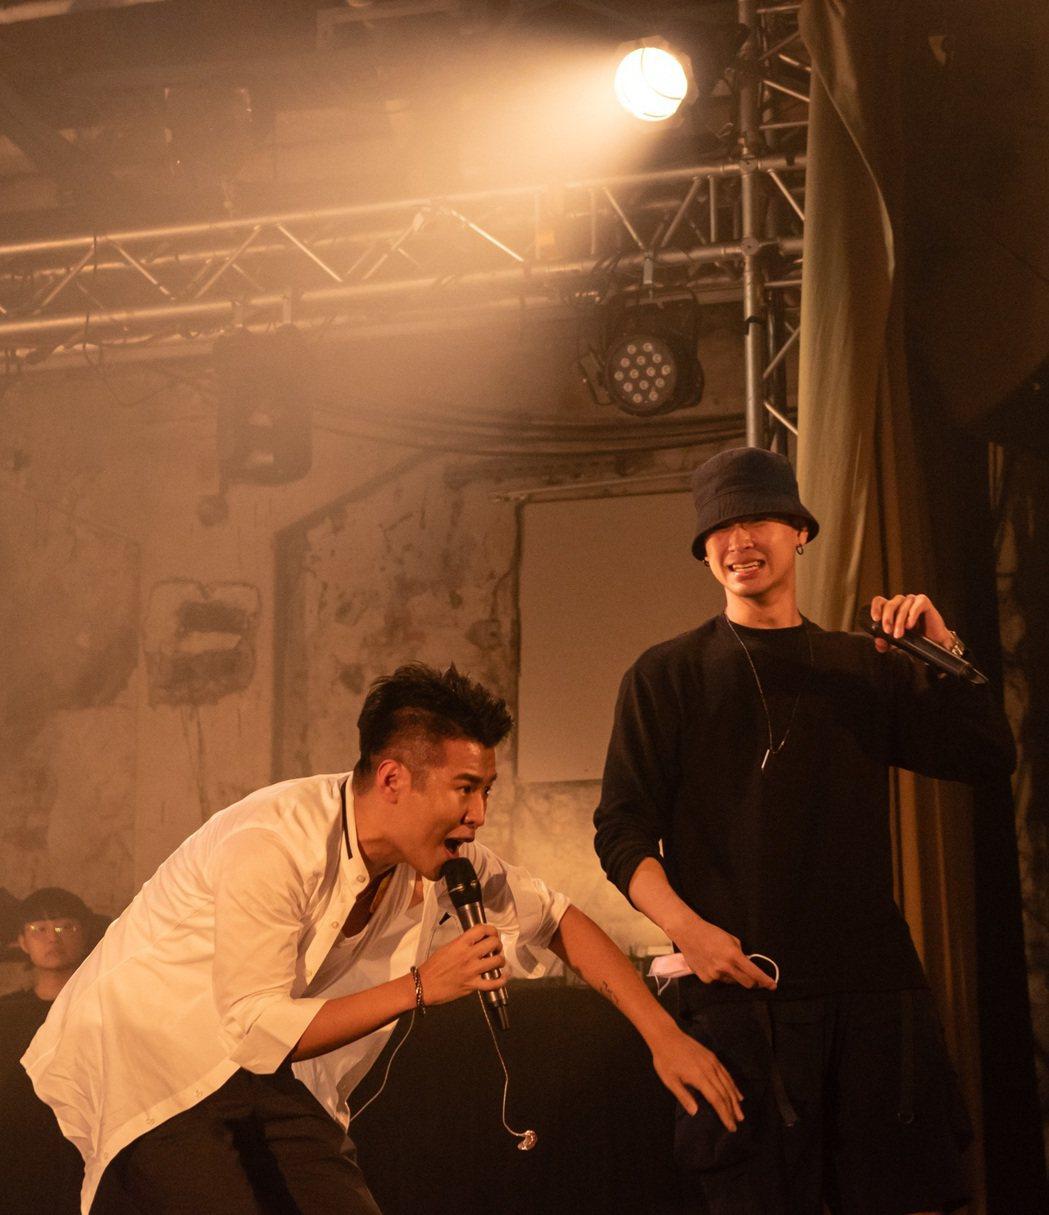 嘻哈歌手屁孩舉辦小型個唱,高爾宣(右)擔任驚喜嘉賓合唱。圖/索尼提供